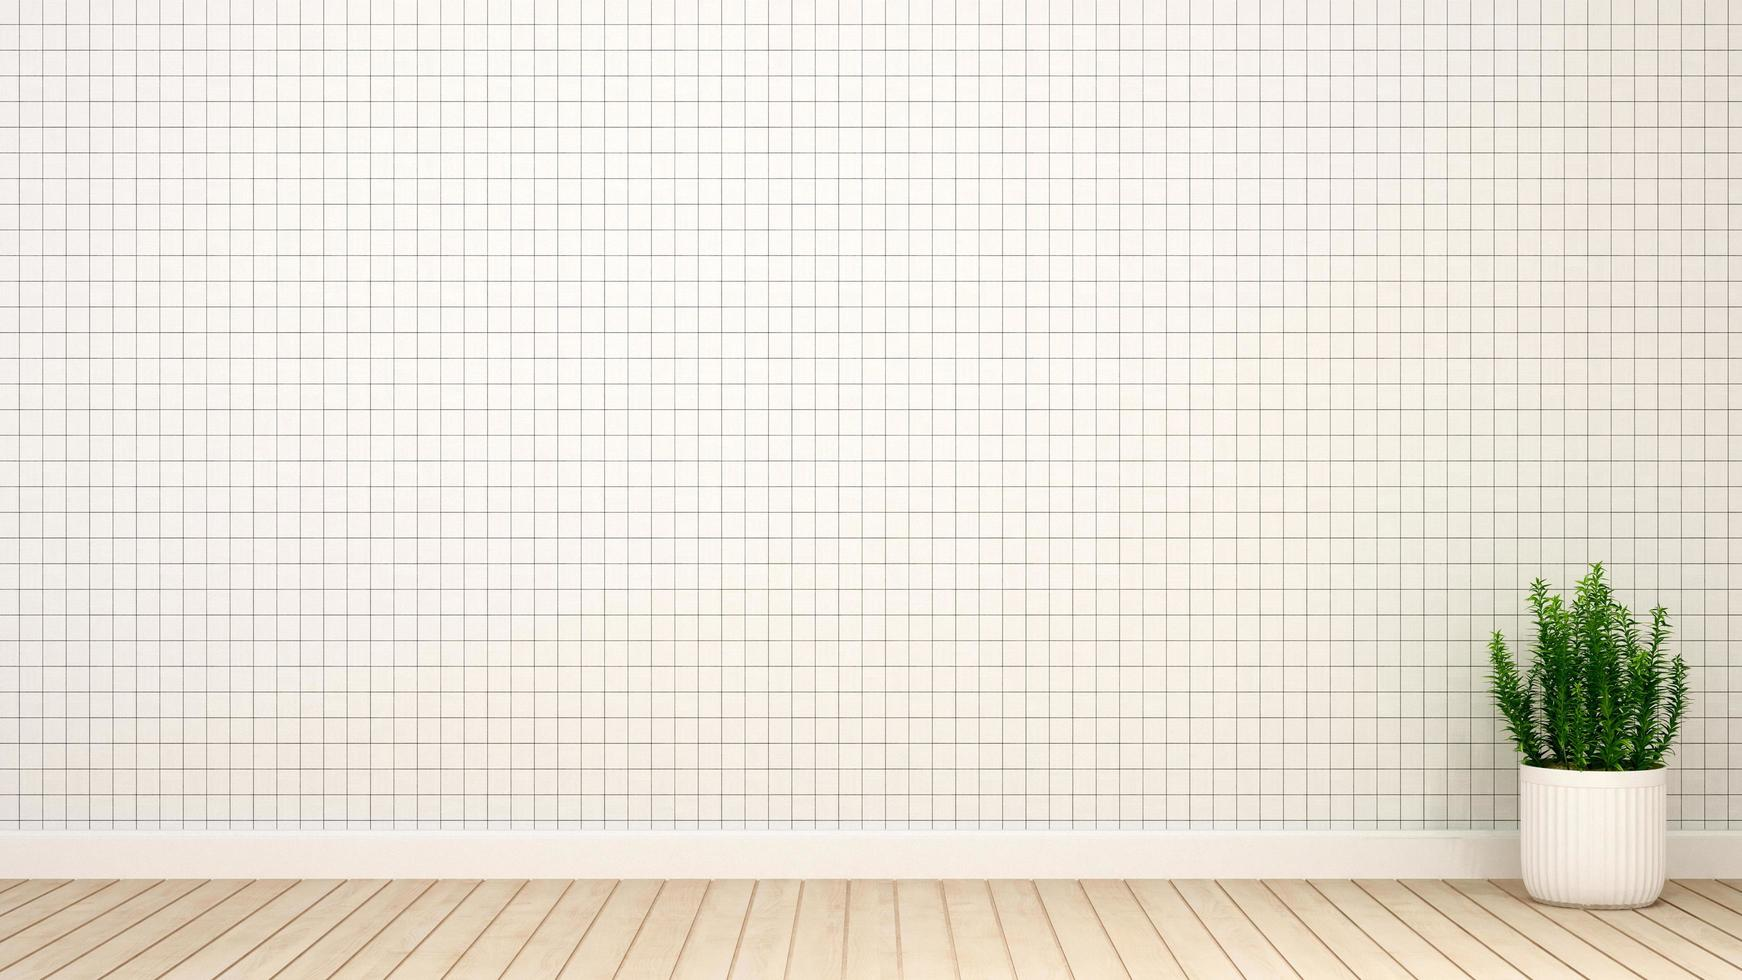 tono bianco stanza vuota per opere d'arte foto